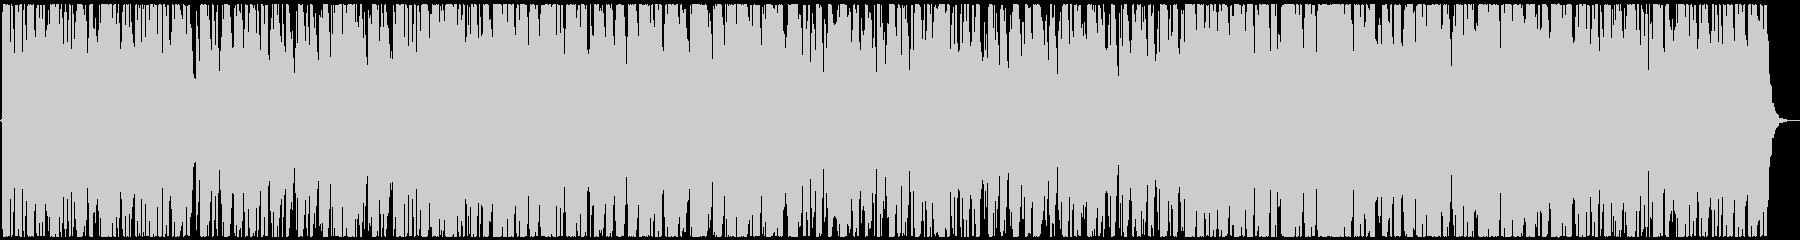 ホラー・ハロウィン向けオーケストラの未再生の波形